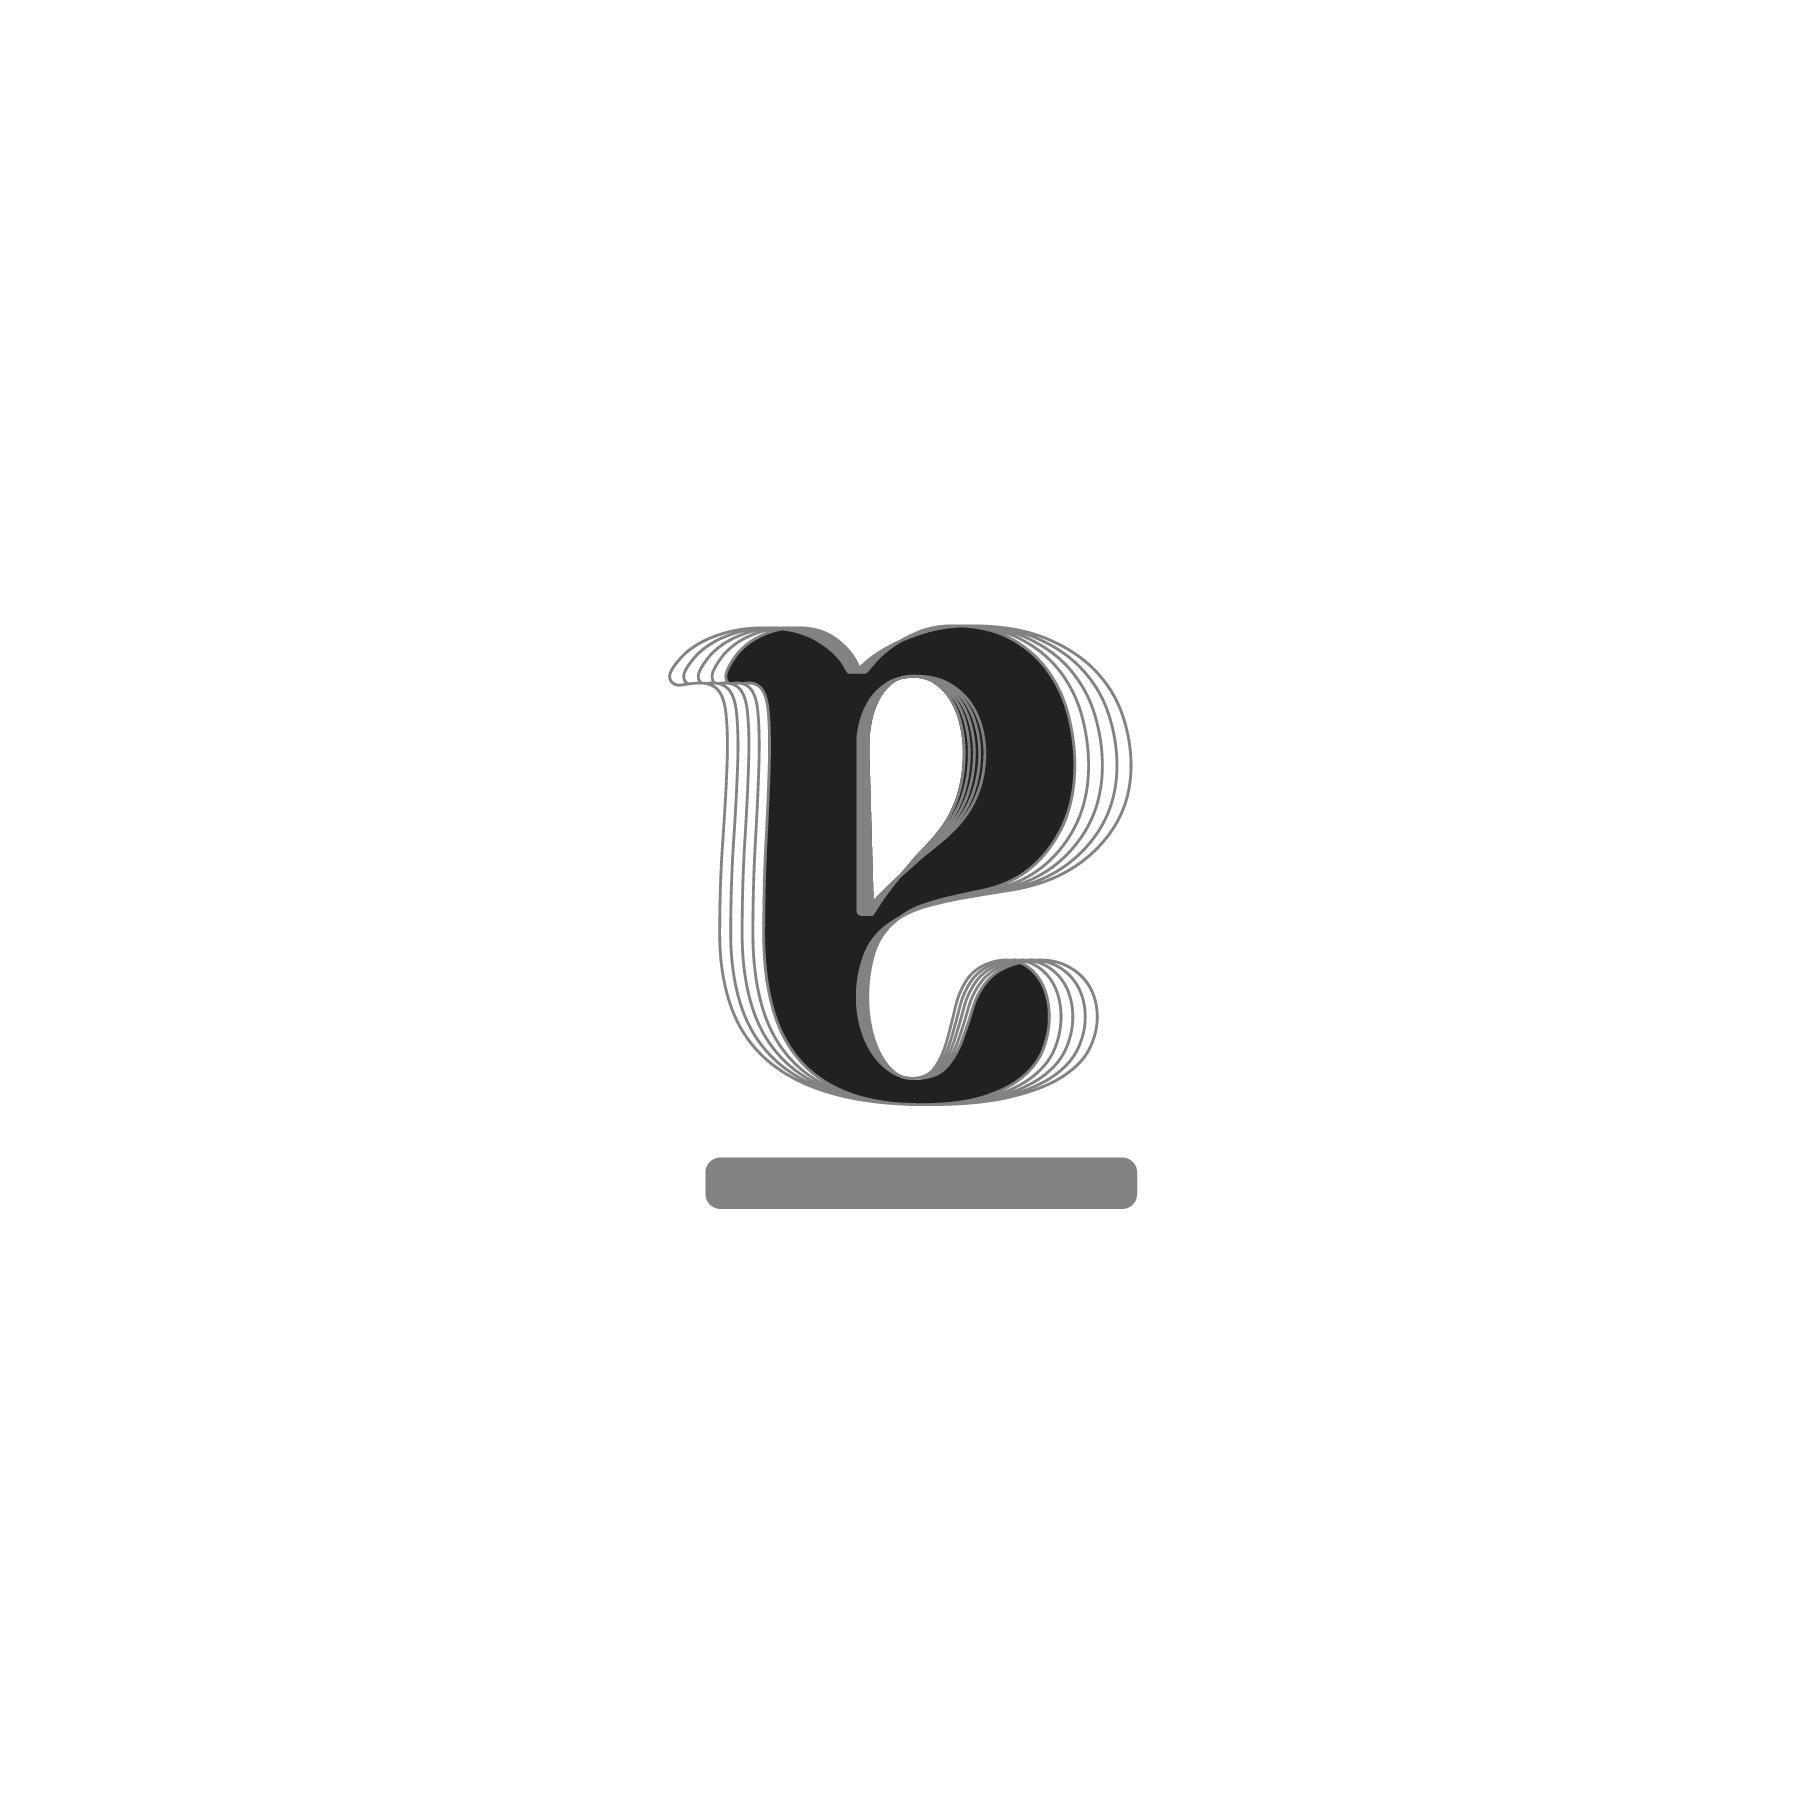 LOGOS_ALL_BLACK-21.jpg